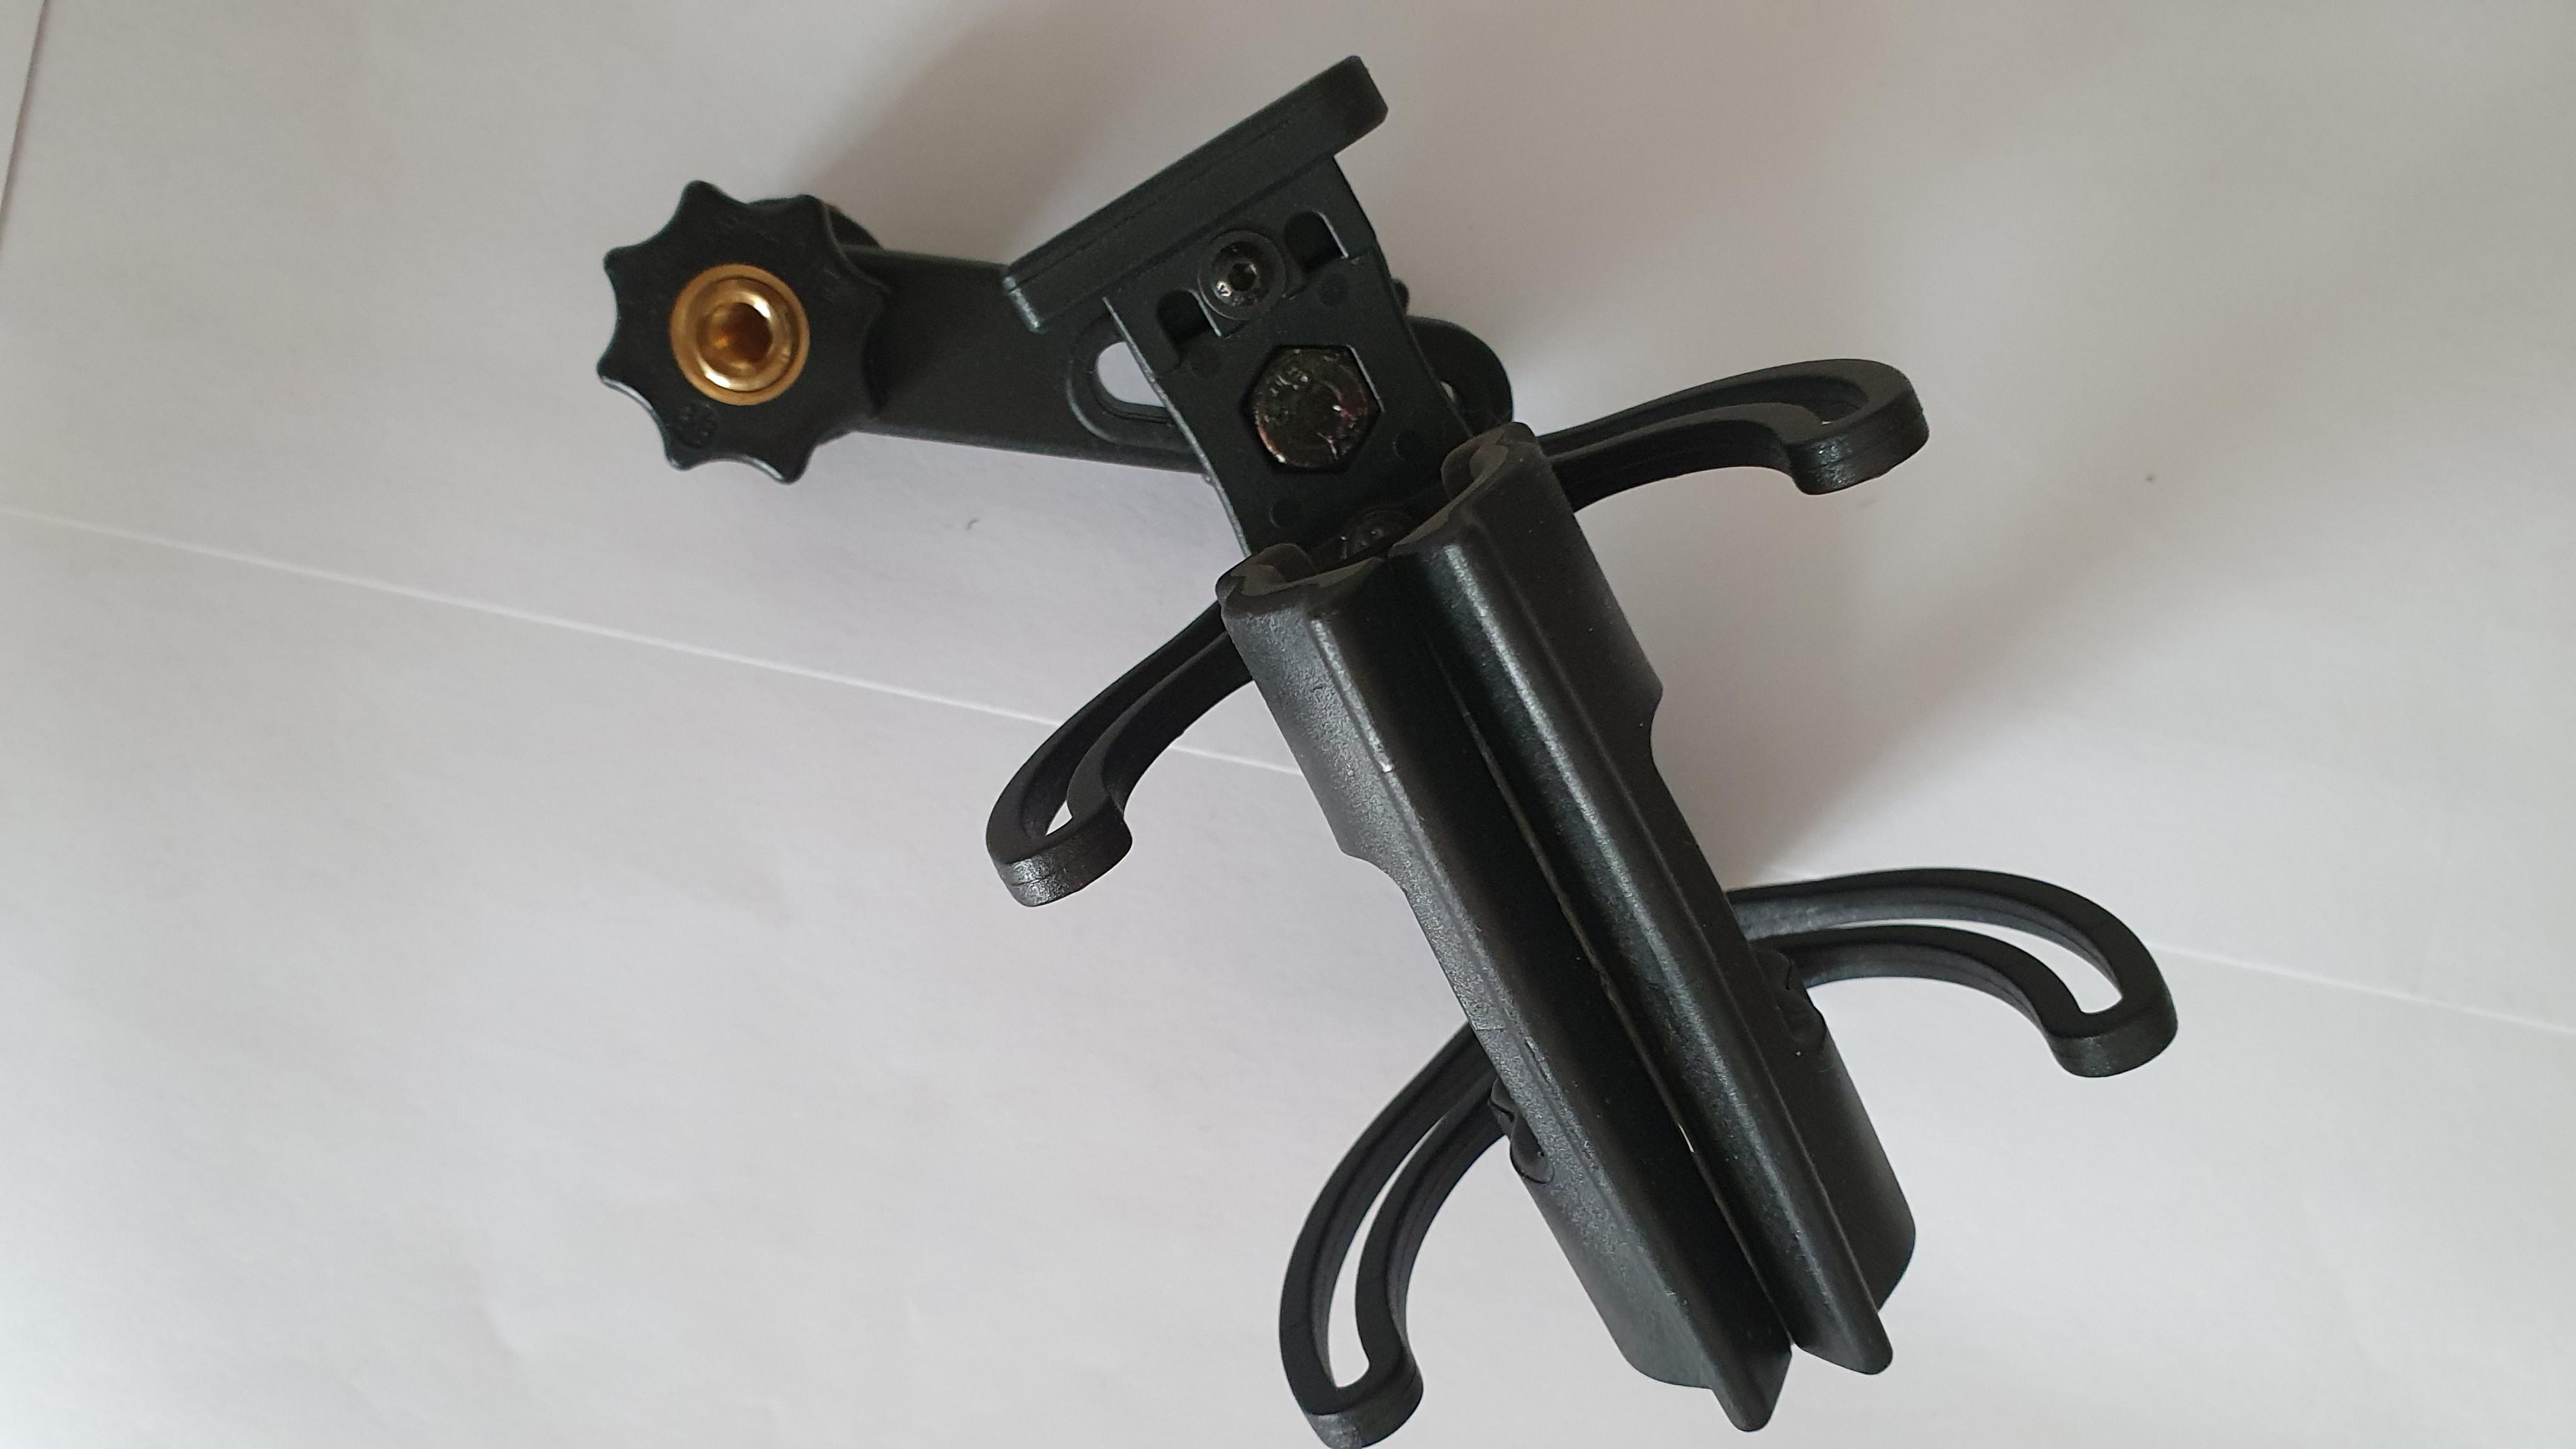 Accessoires Rycote - Softie 10cm et Suspension Invision Hot Shoe